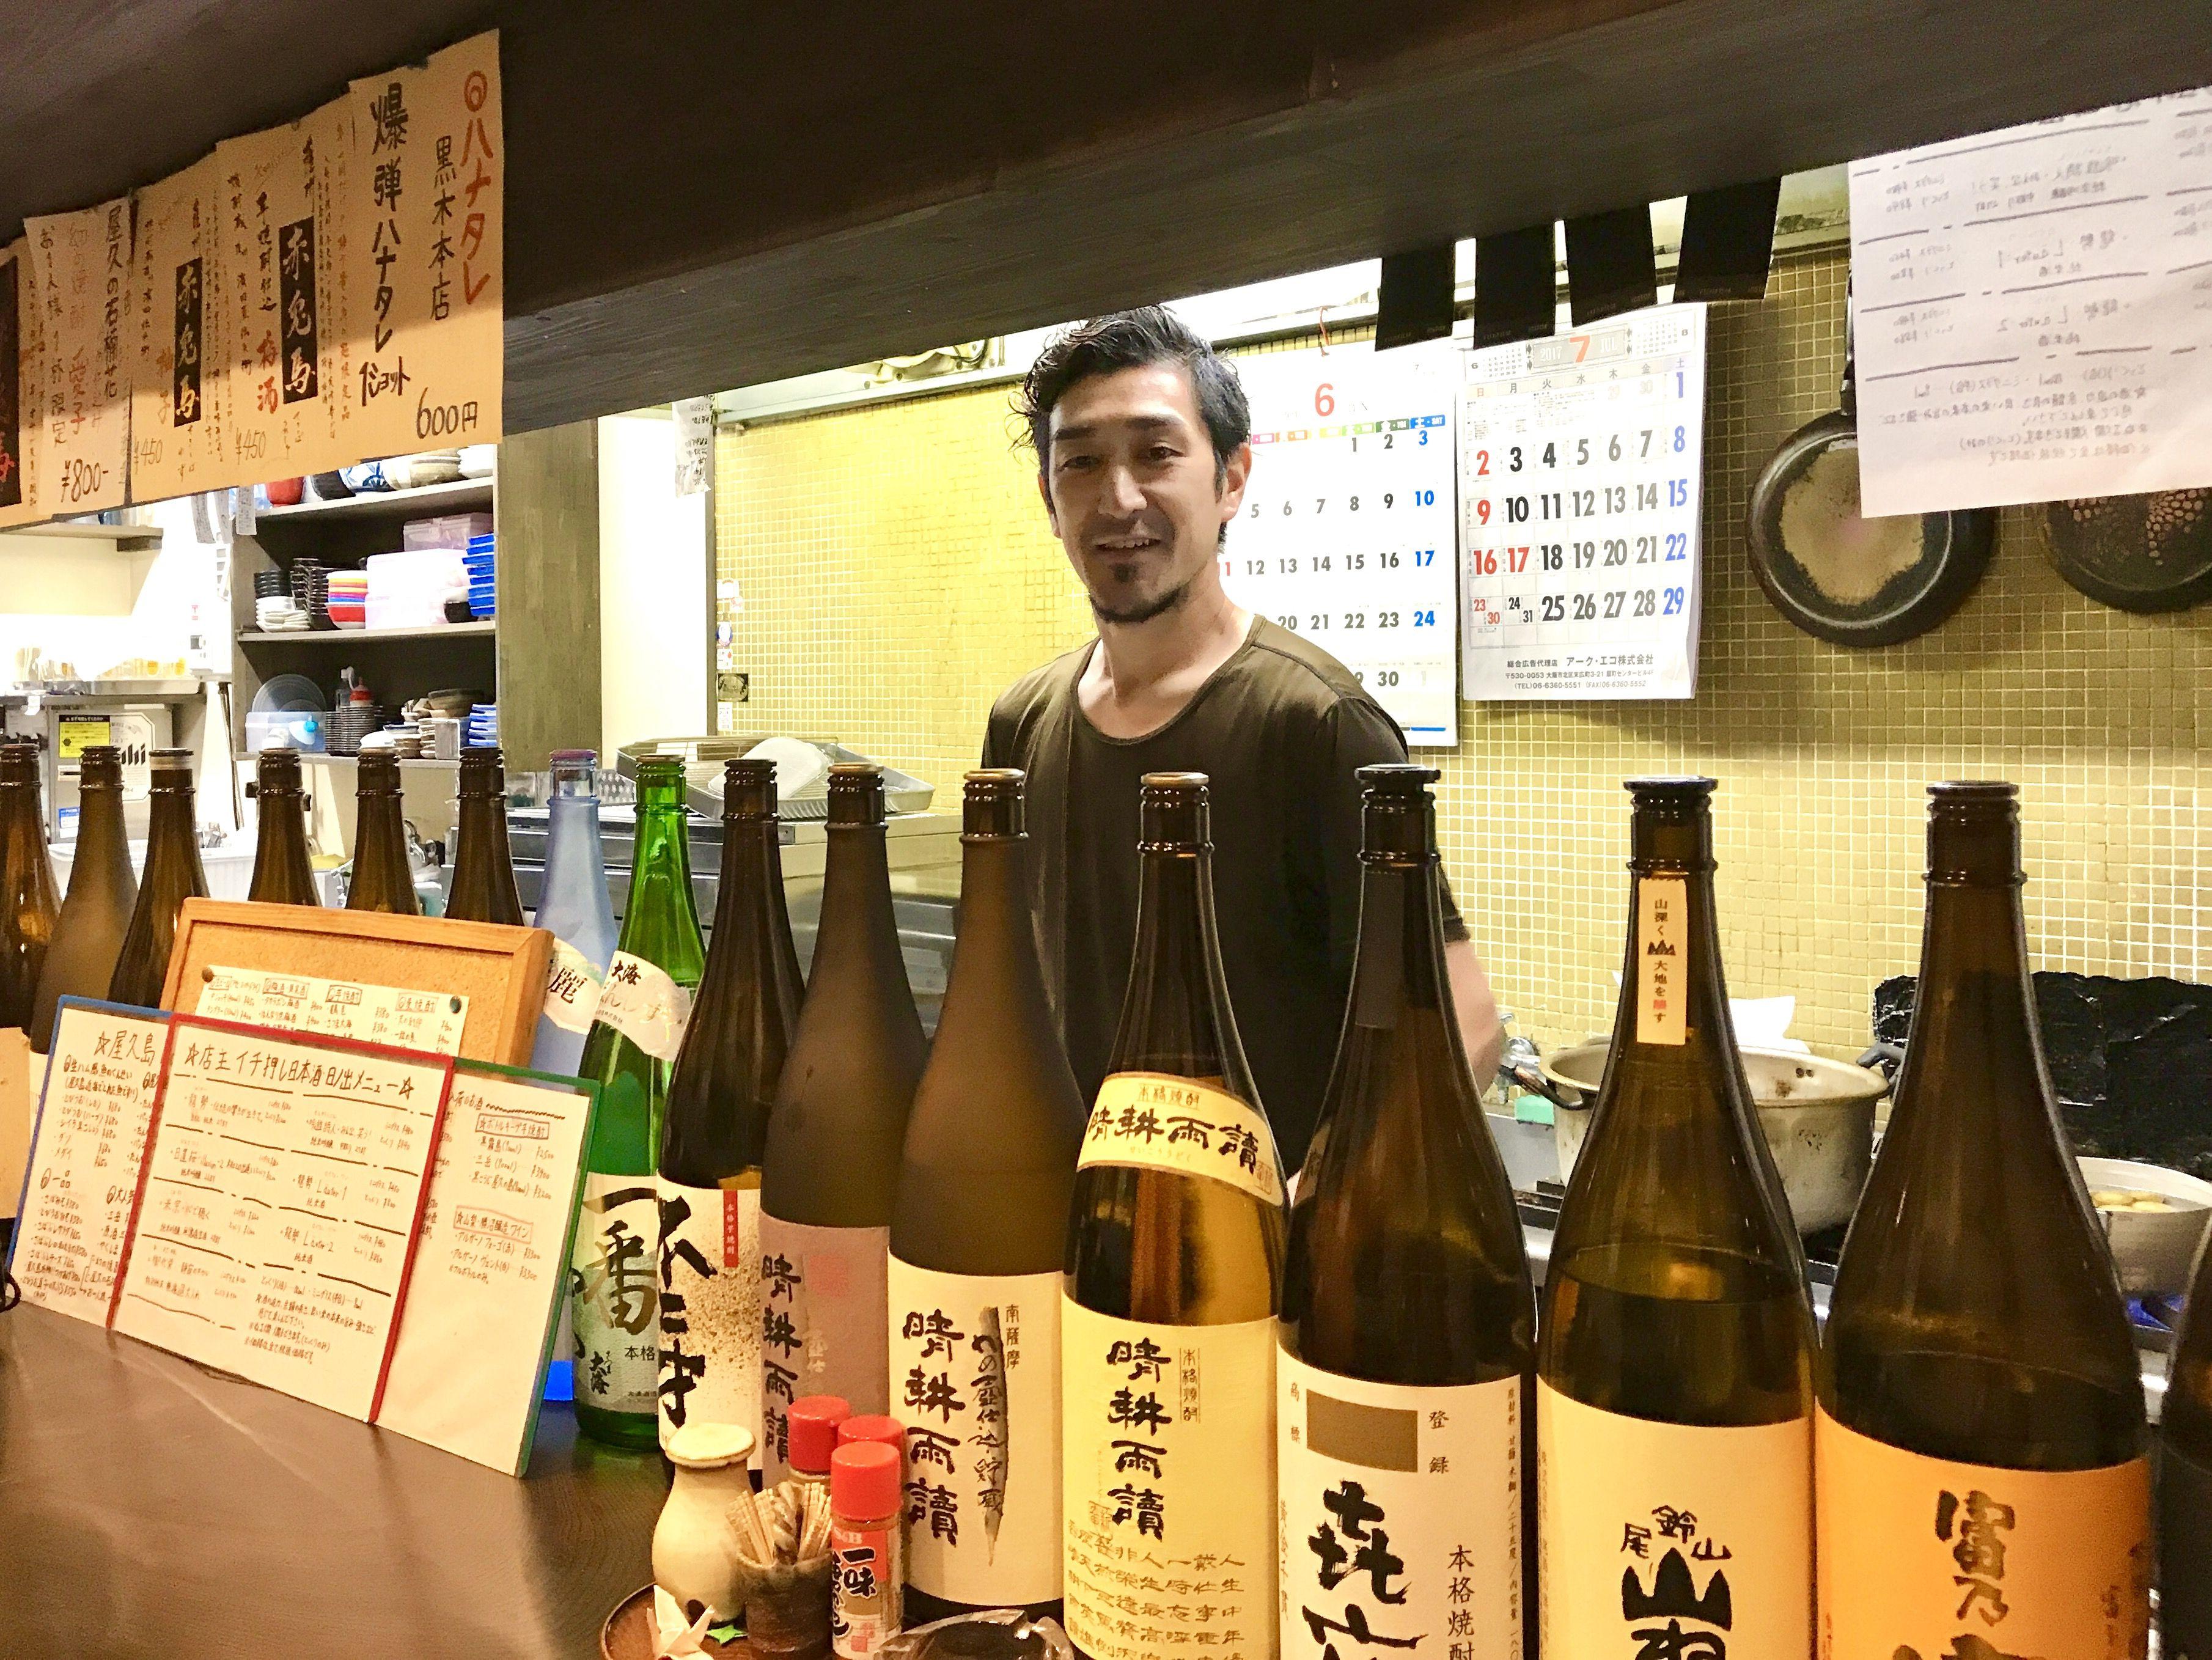 「和鮮酒庵やなぎ」の店主道竹洋一郎さん